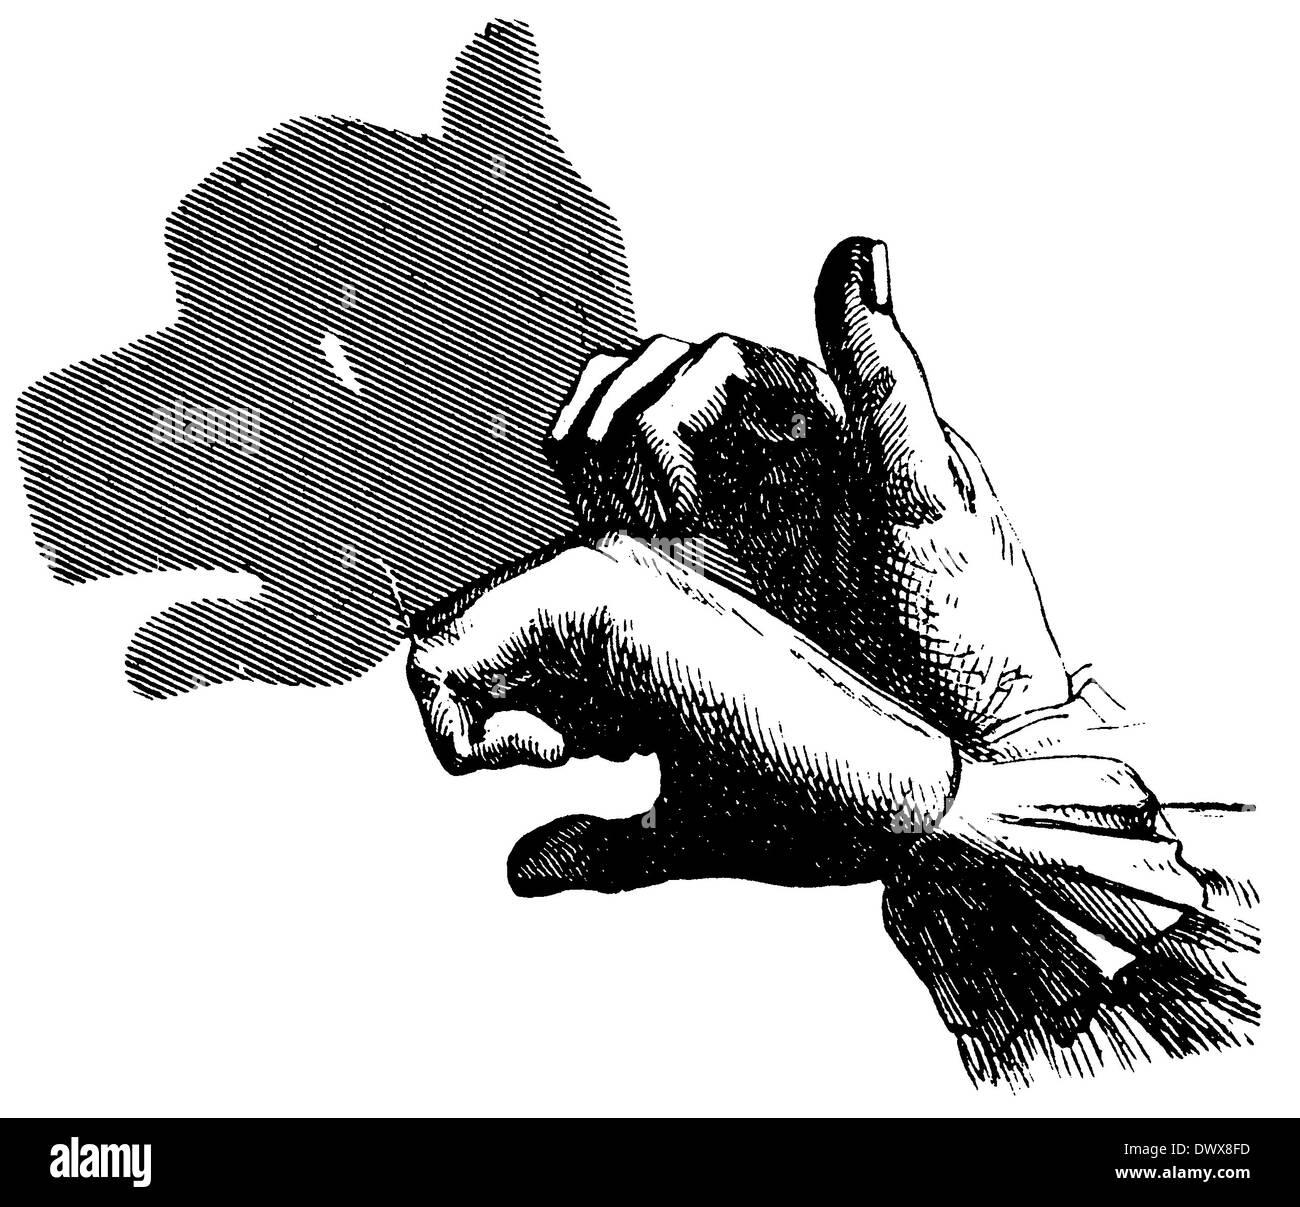 Shadow Play: Dog - Stock Image